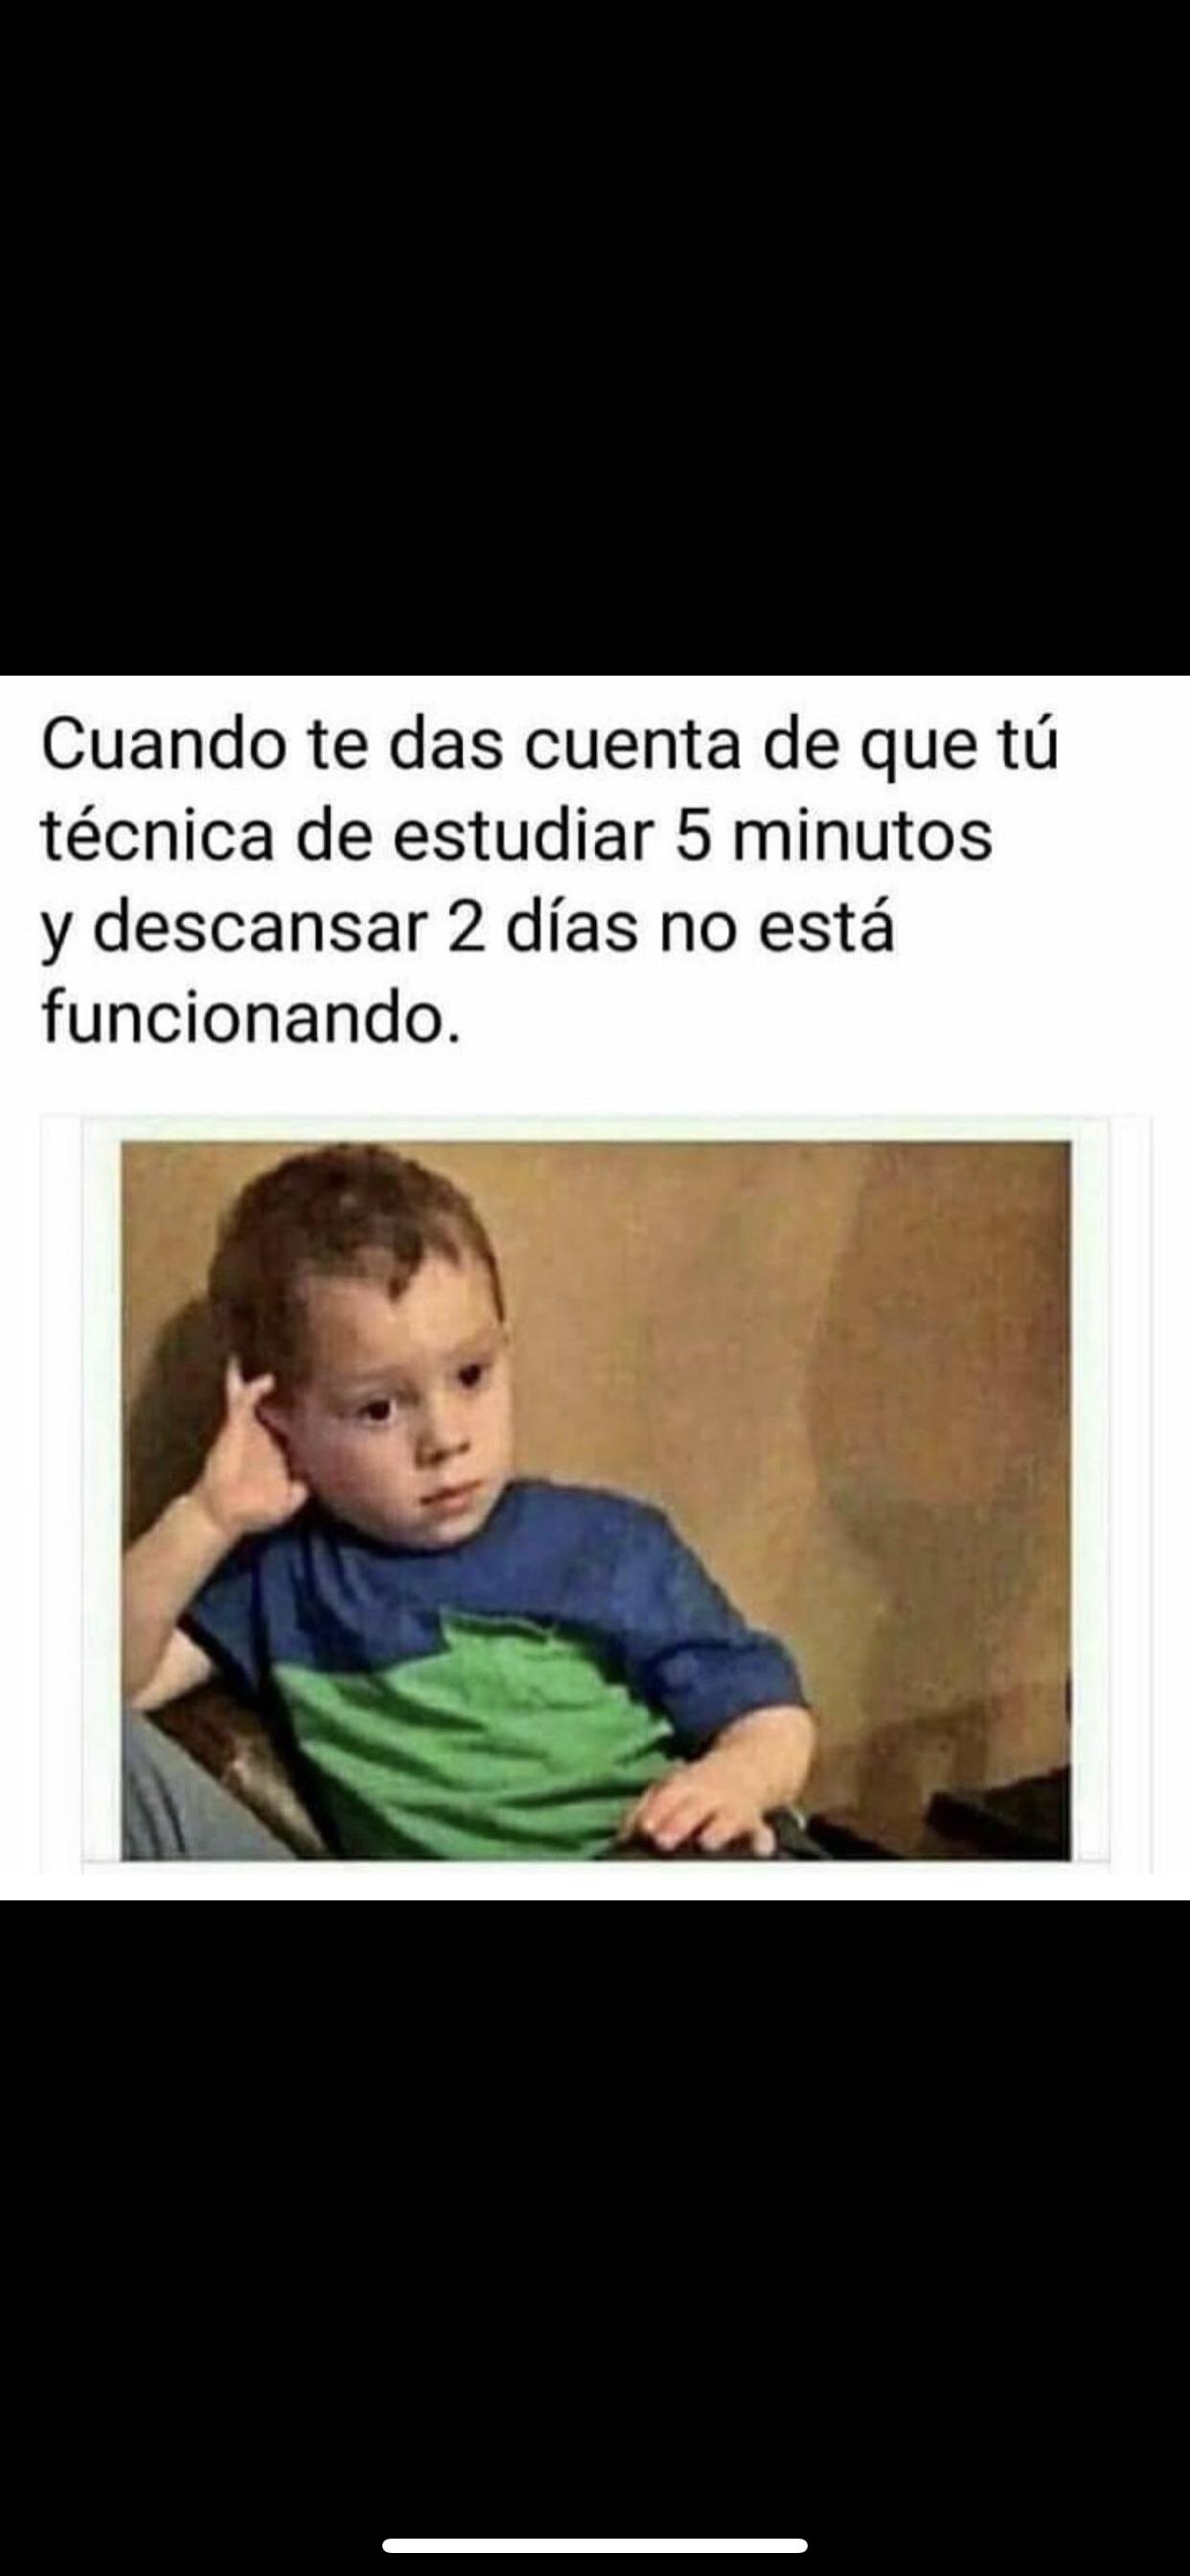 Mejores Memes Memes En Espanol Memes Meme Meme Del Dia Memes 2020 Memes Memes En Espanol Incoming Call